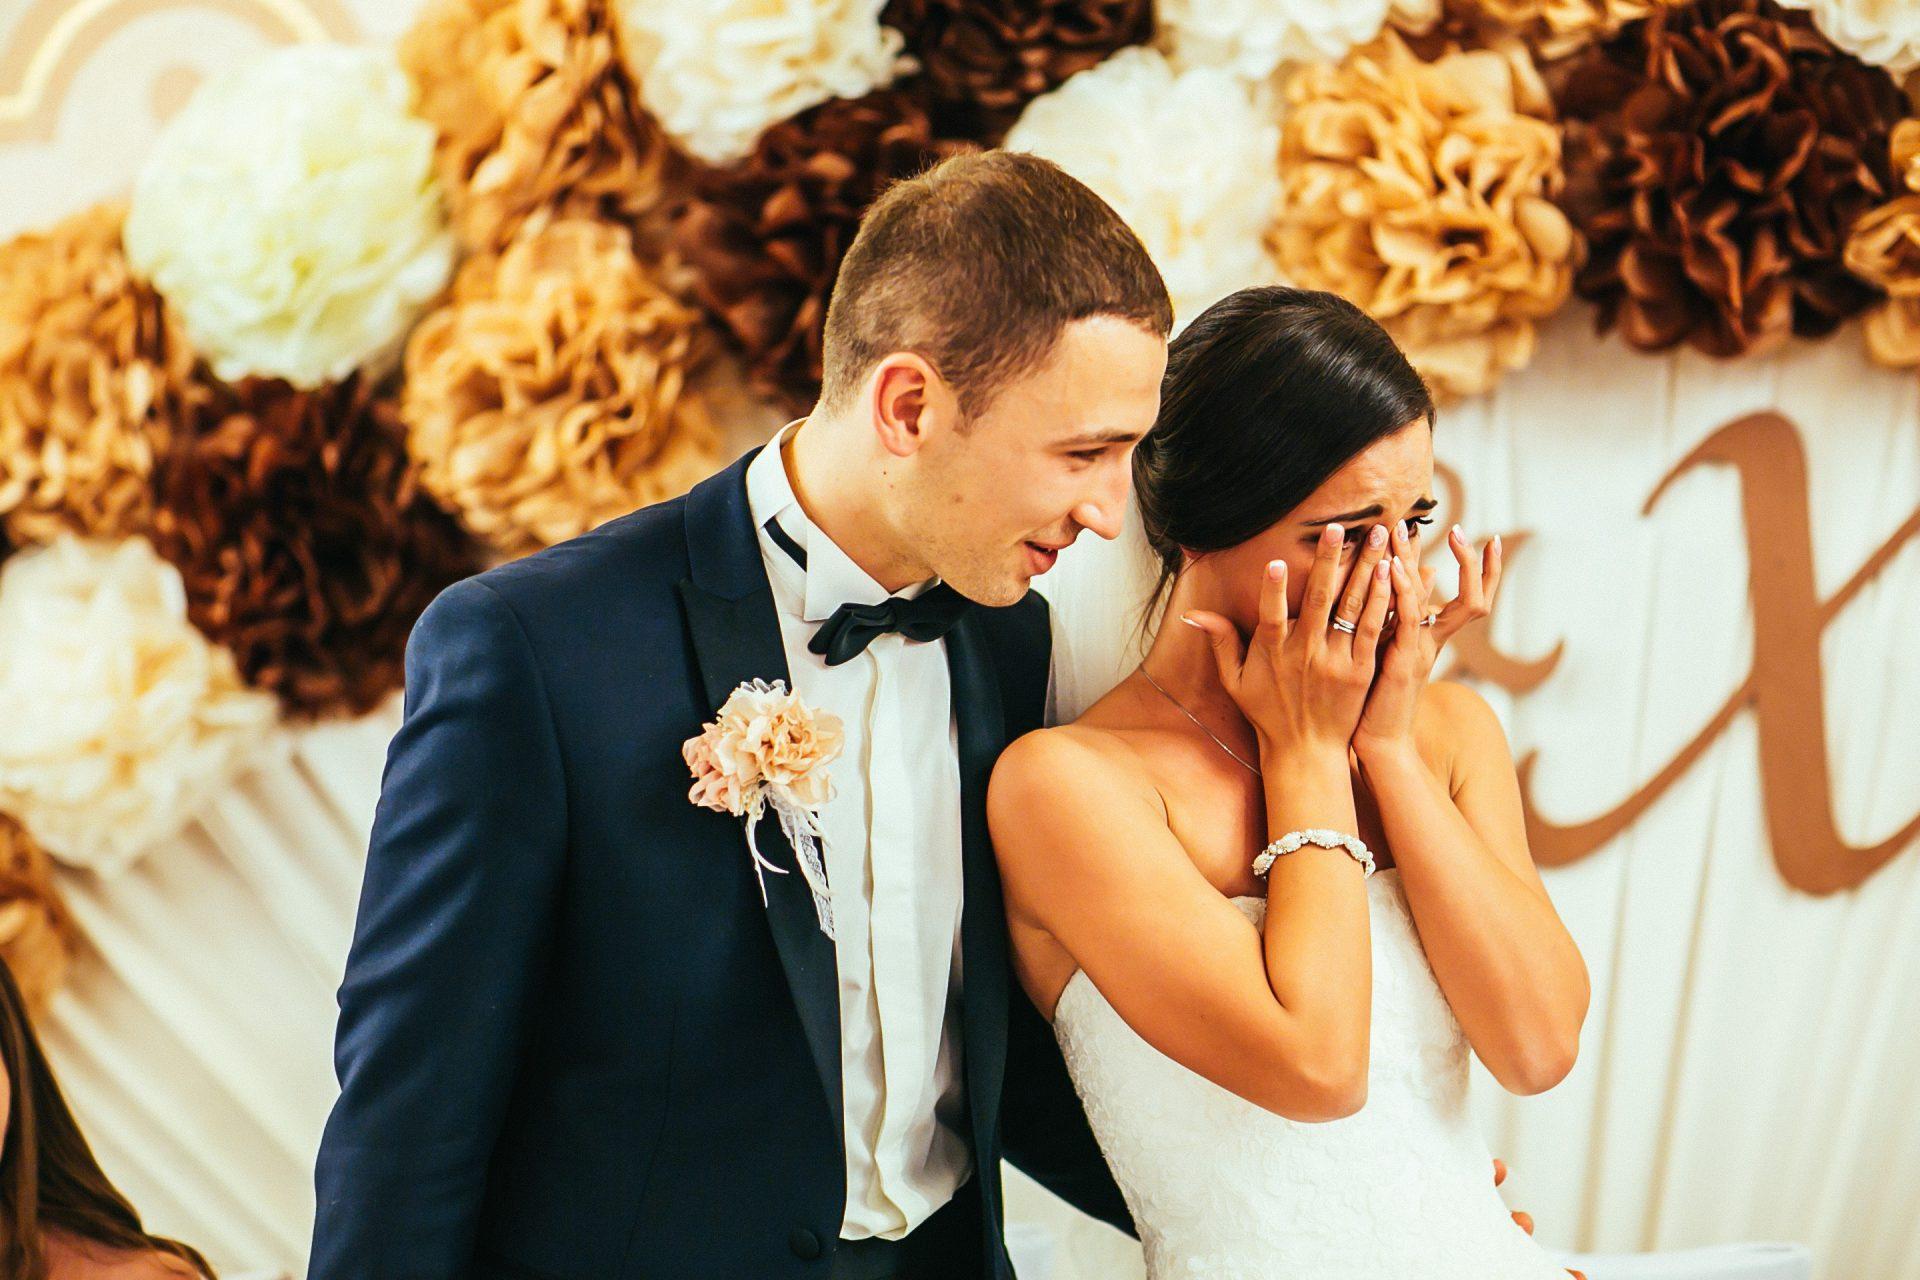 泣いている花嫁と支える新郎